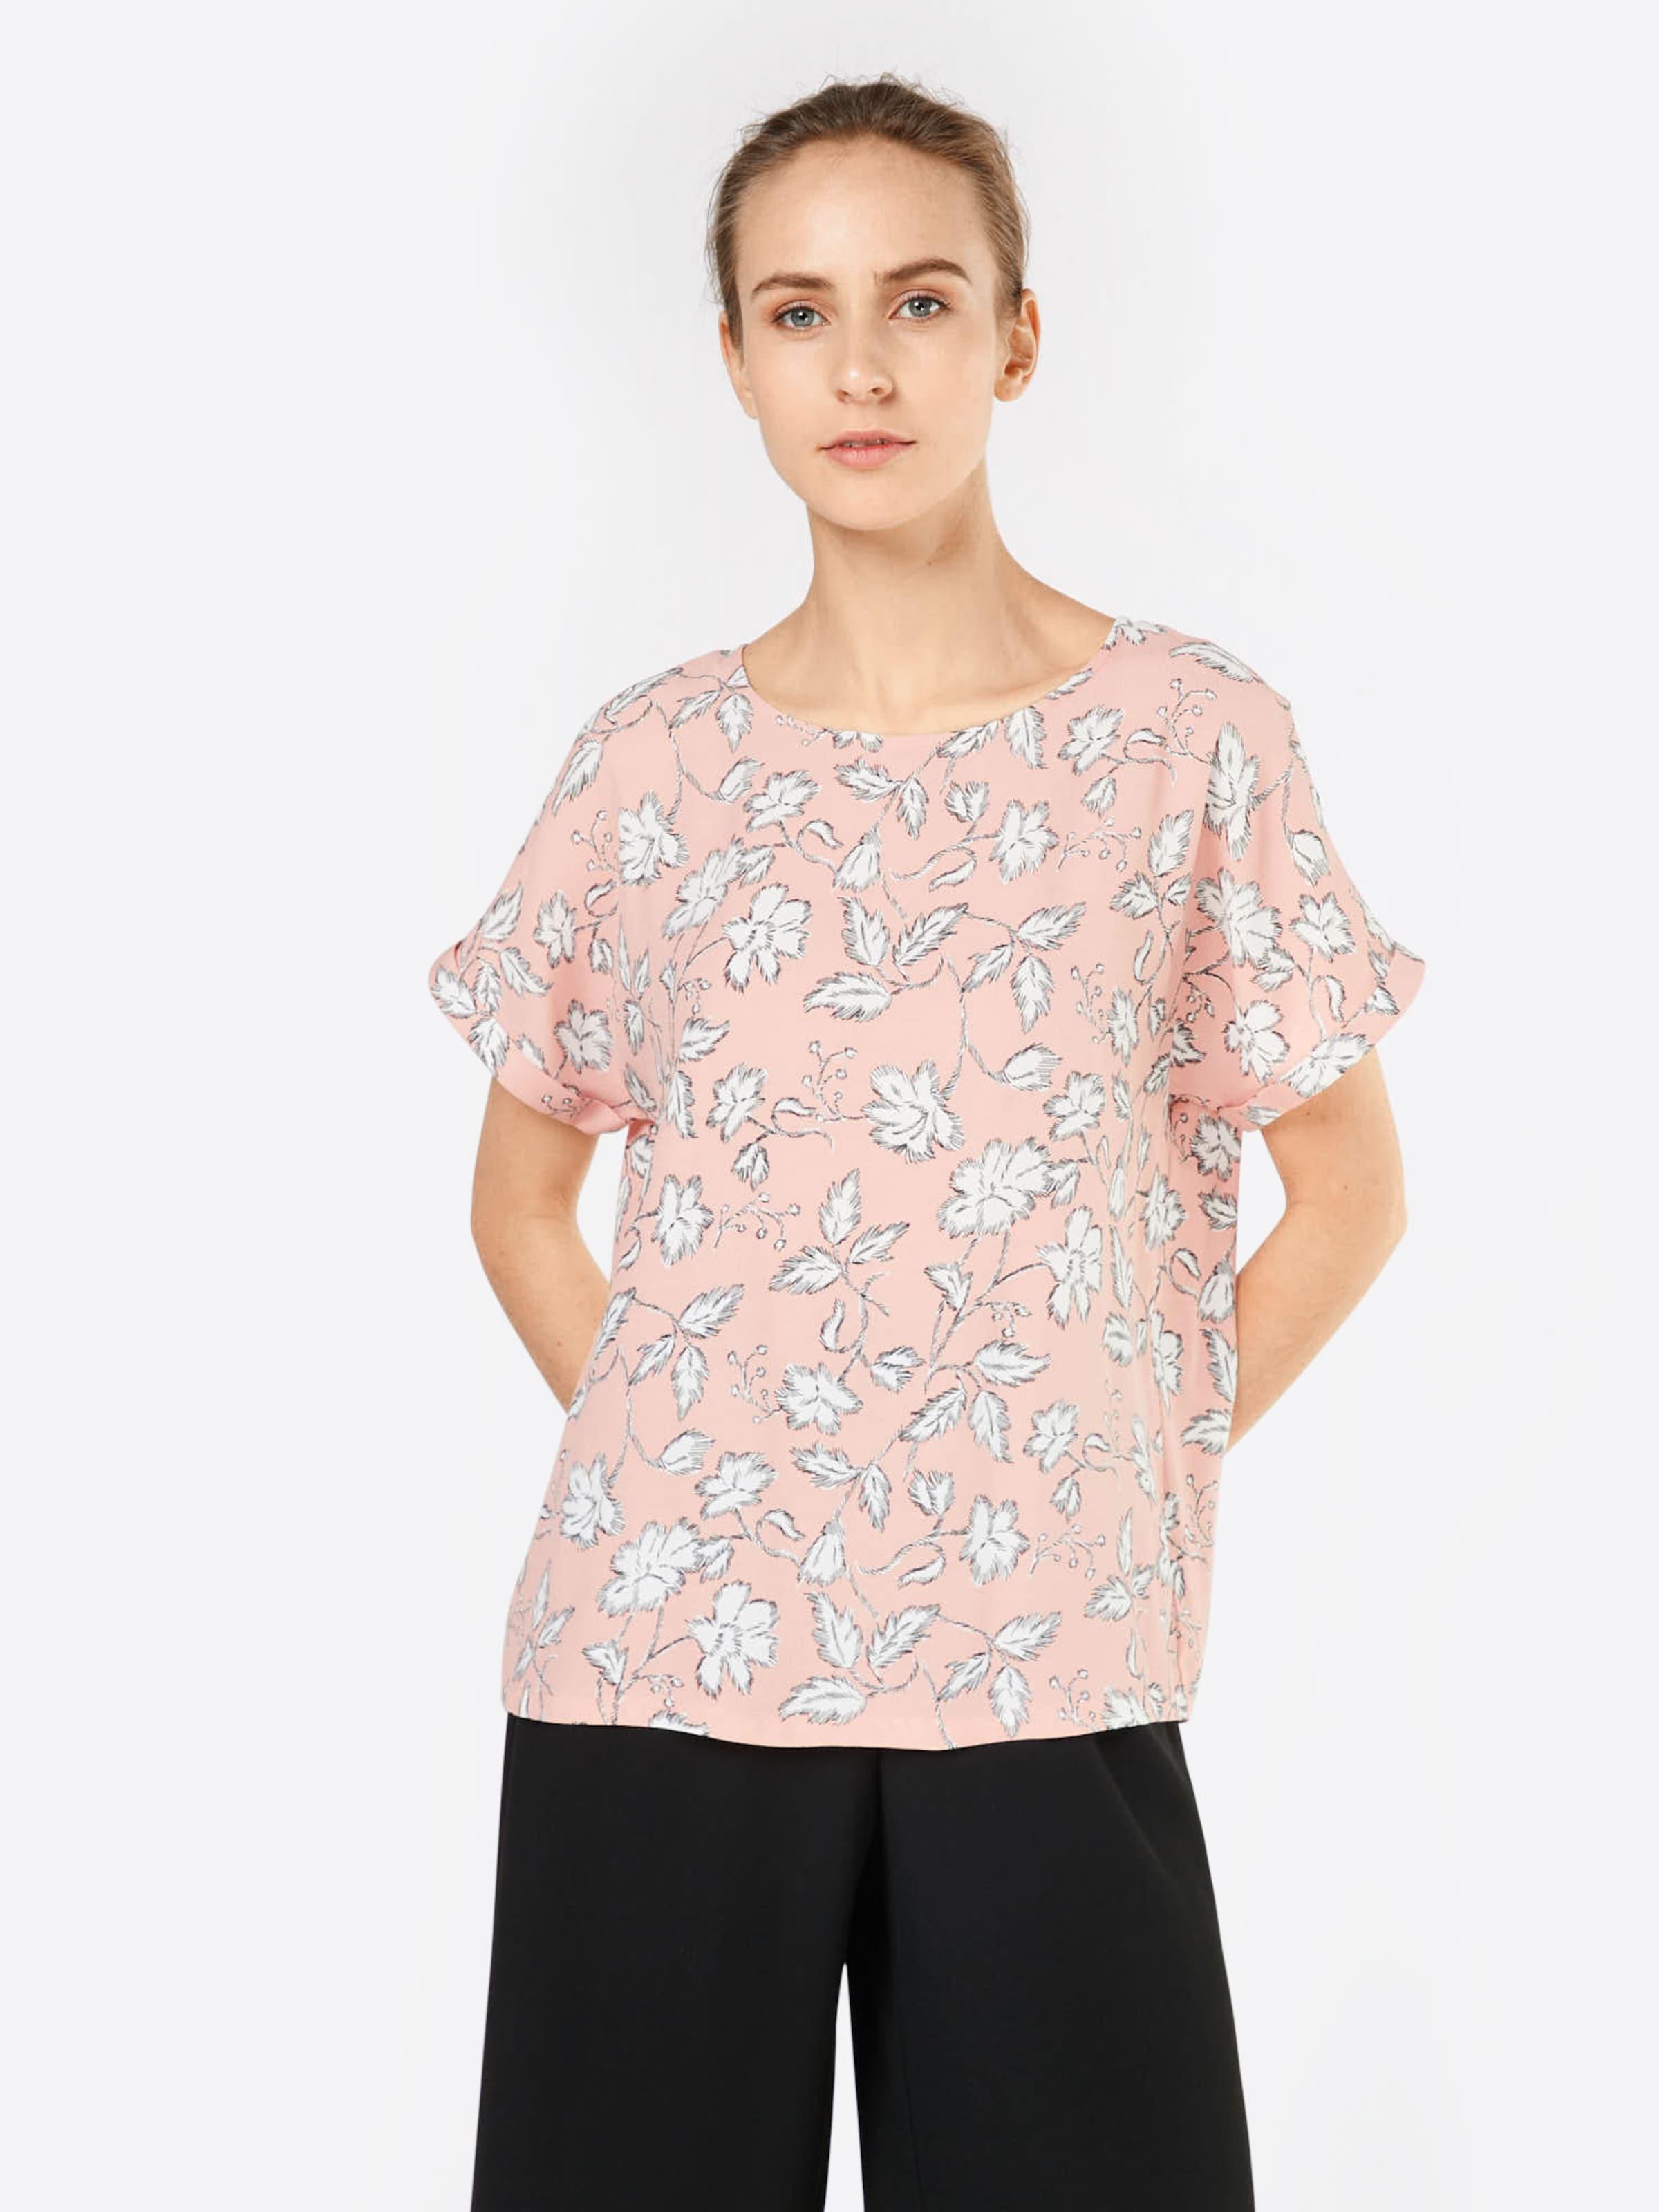 shirt En Soyaconcept lalin 'sc RoseBlanc 1' T uTJ3clK1F